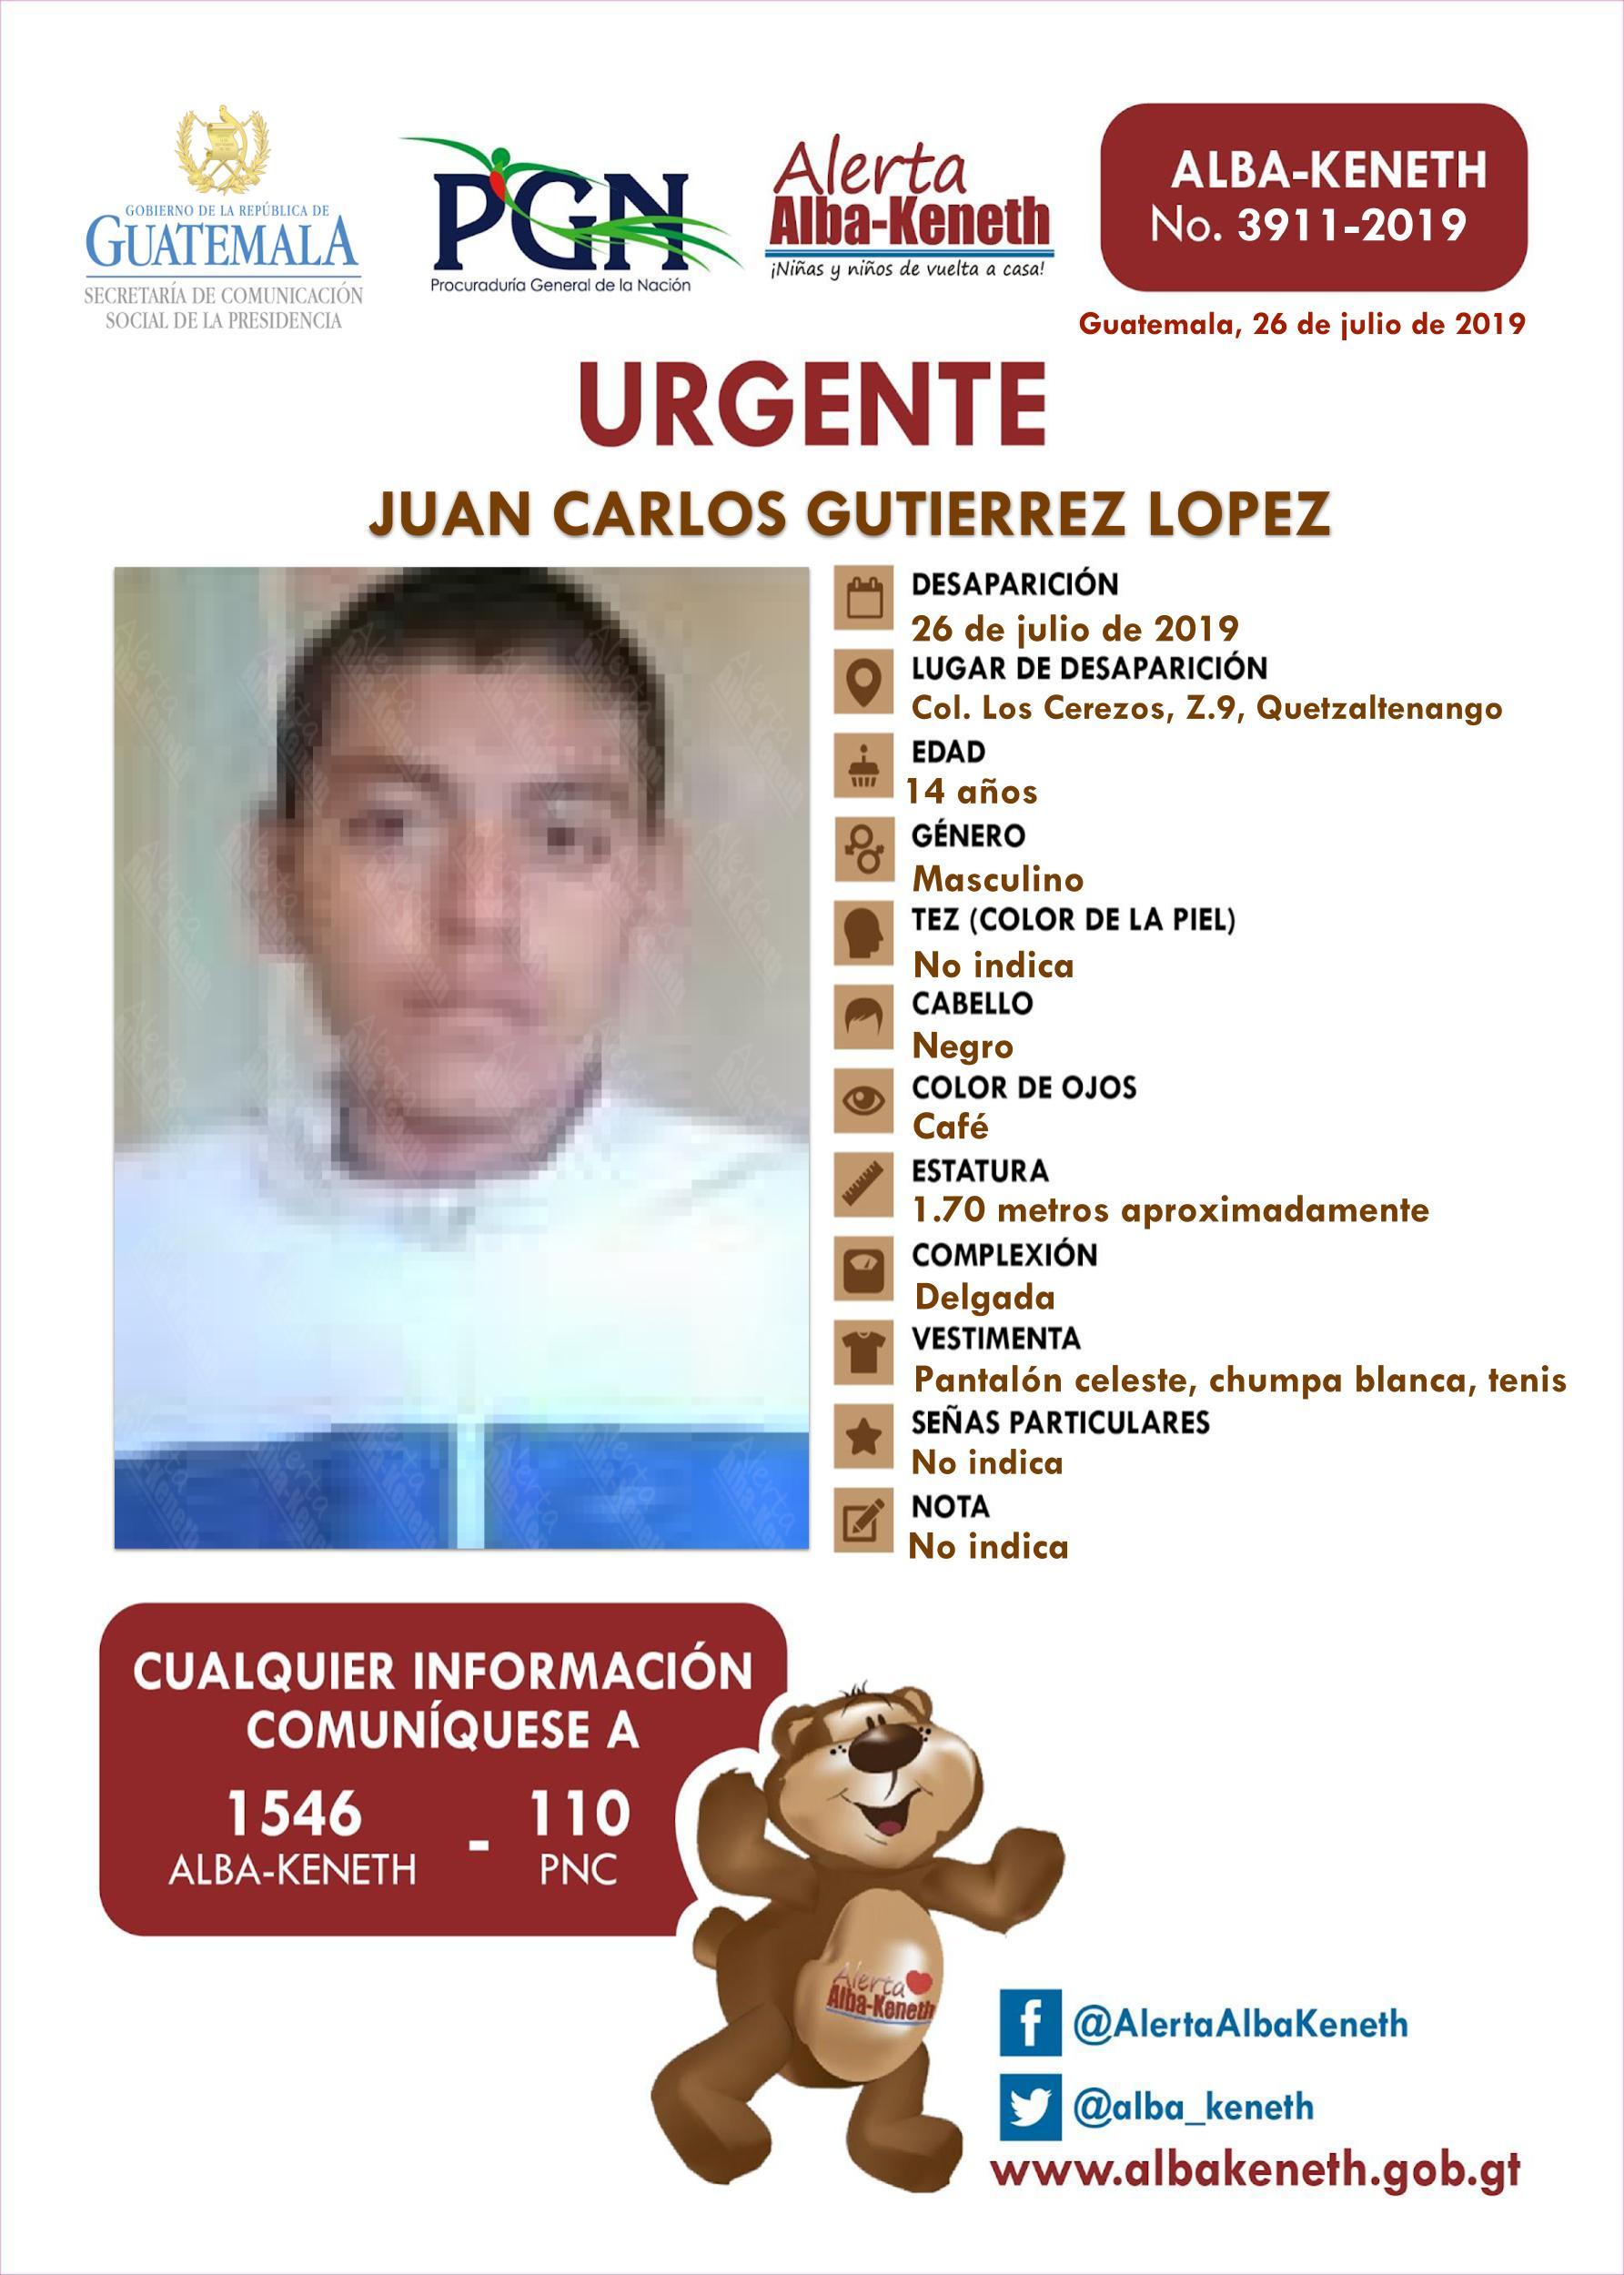 Juan Carlos Gutierrez Lopez